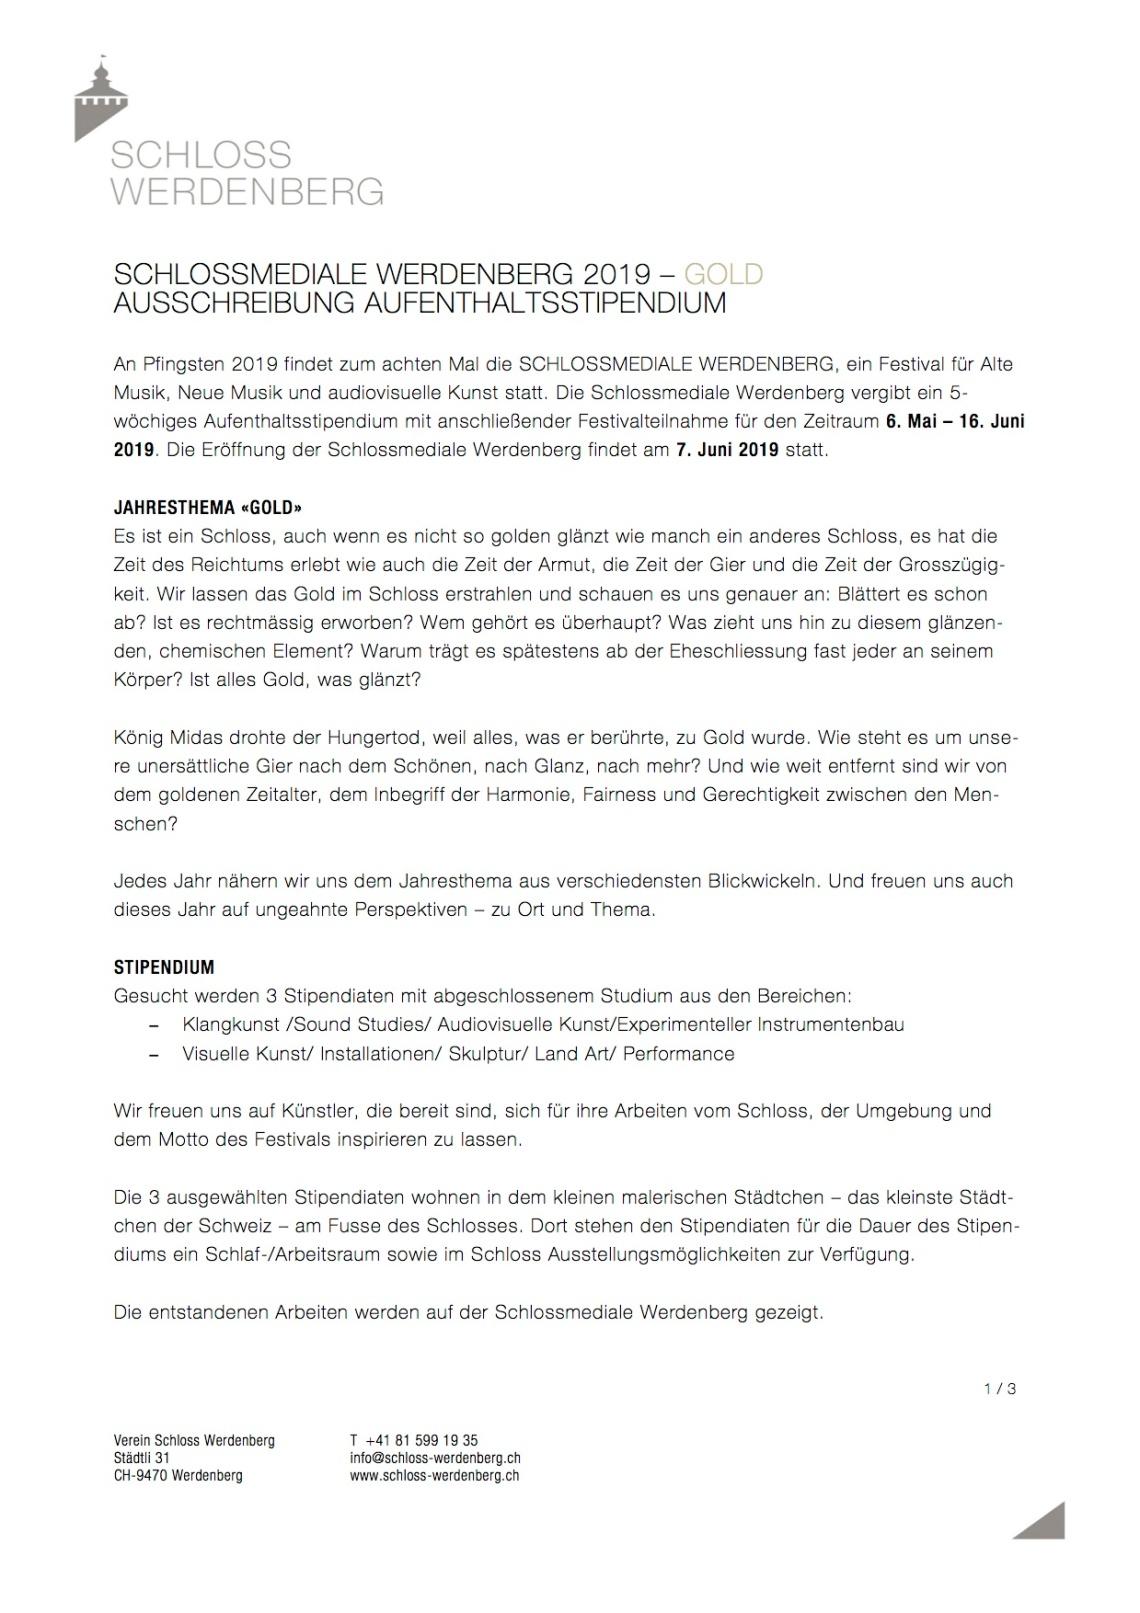 Aufenthaltsstipendium-Ausschreibung_2019